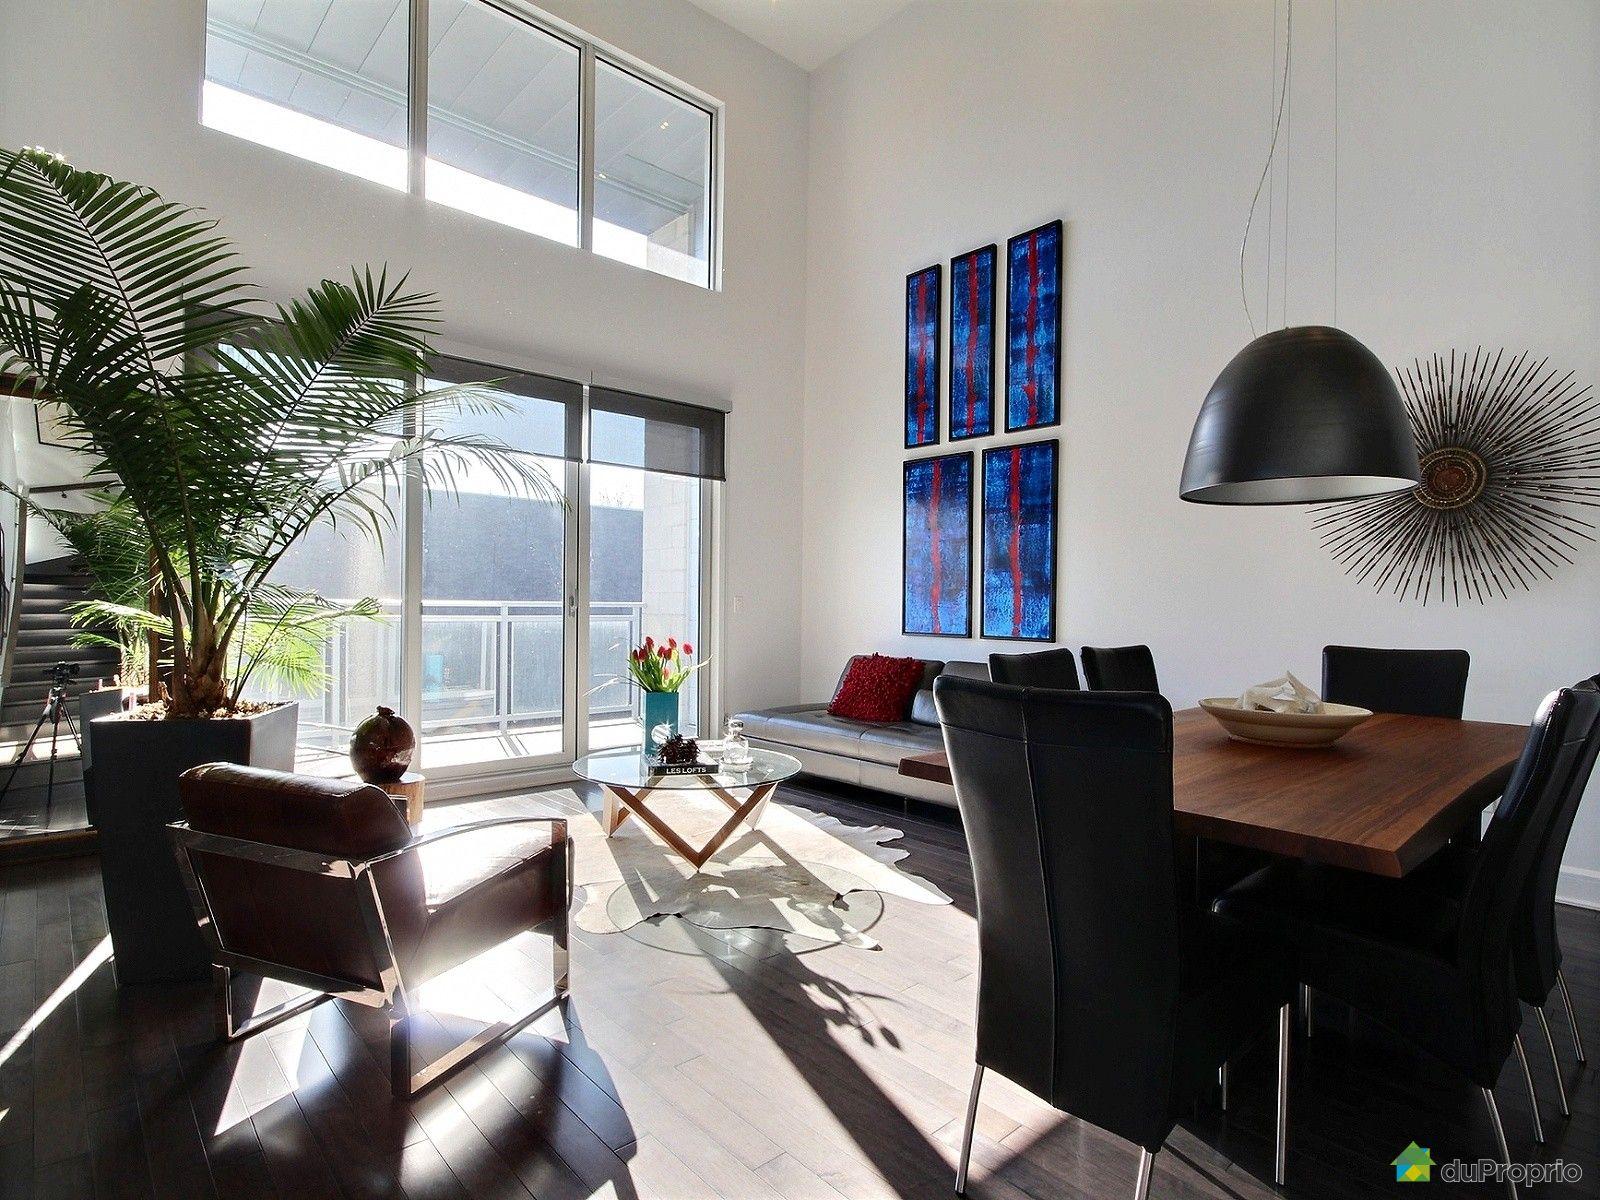 #203C75 Condo à Vendre St Lambert 315 31 Avenue Lorne Immobilier  3891 salle a manger pas cher montreal 1600x1200 px @ aertt.com